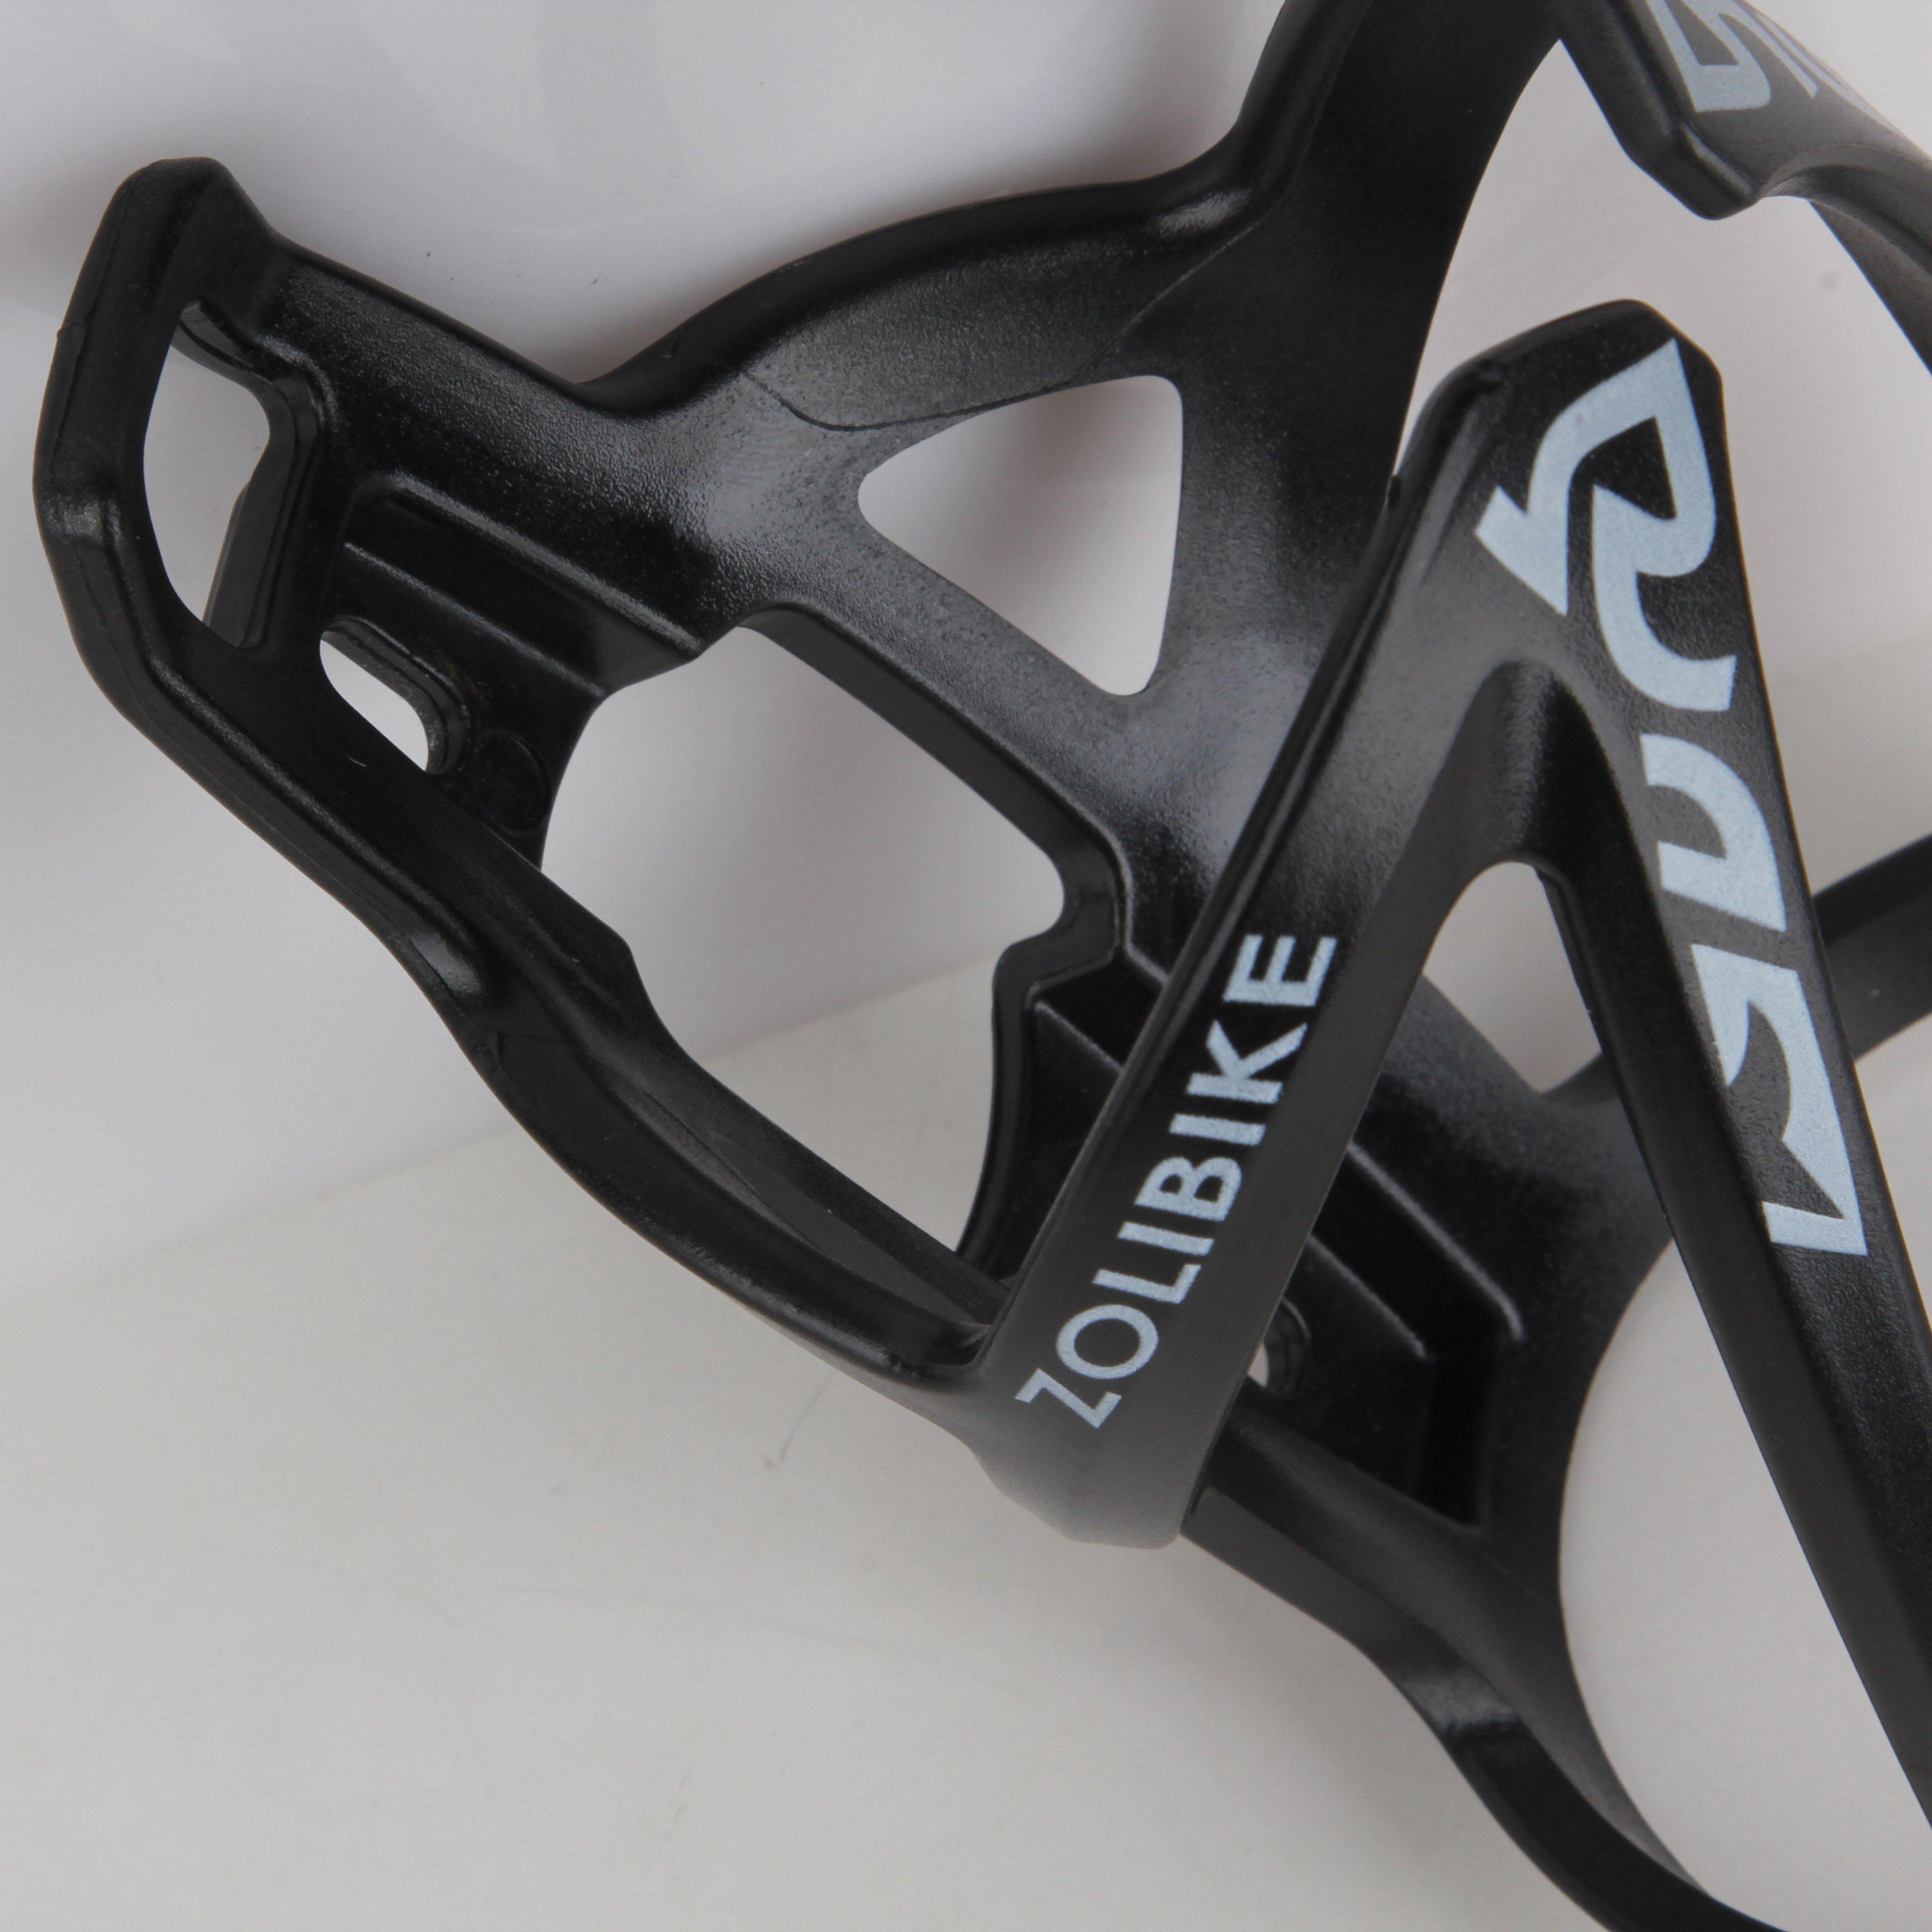 YOYIIGAA Bicycle Bottle Holder 25